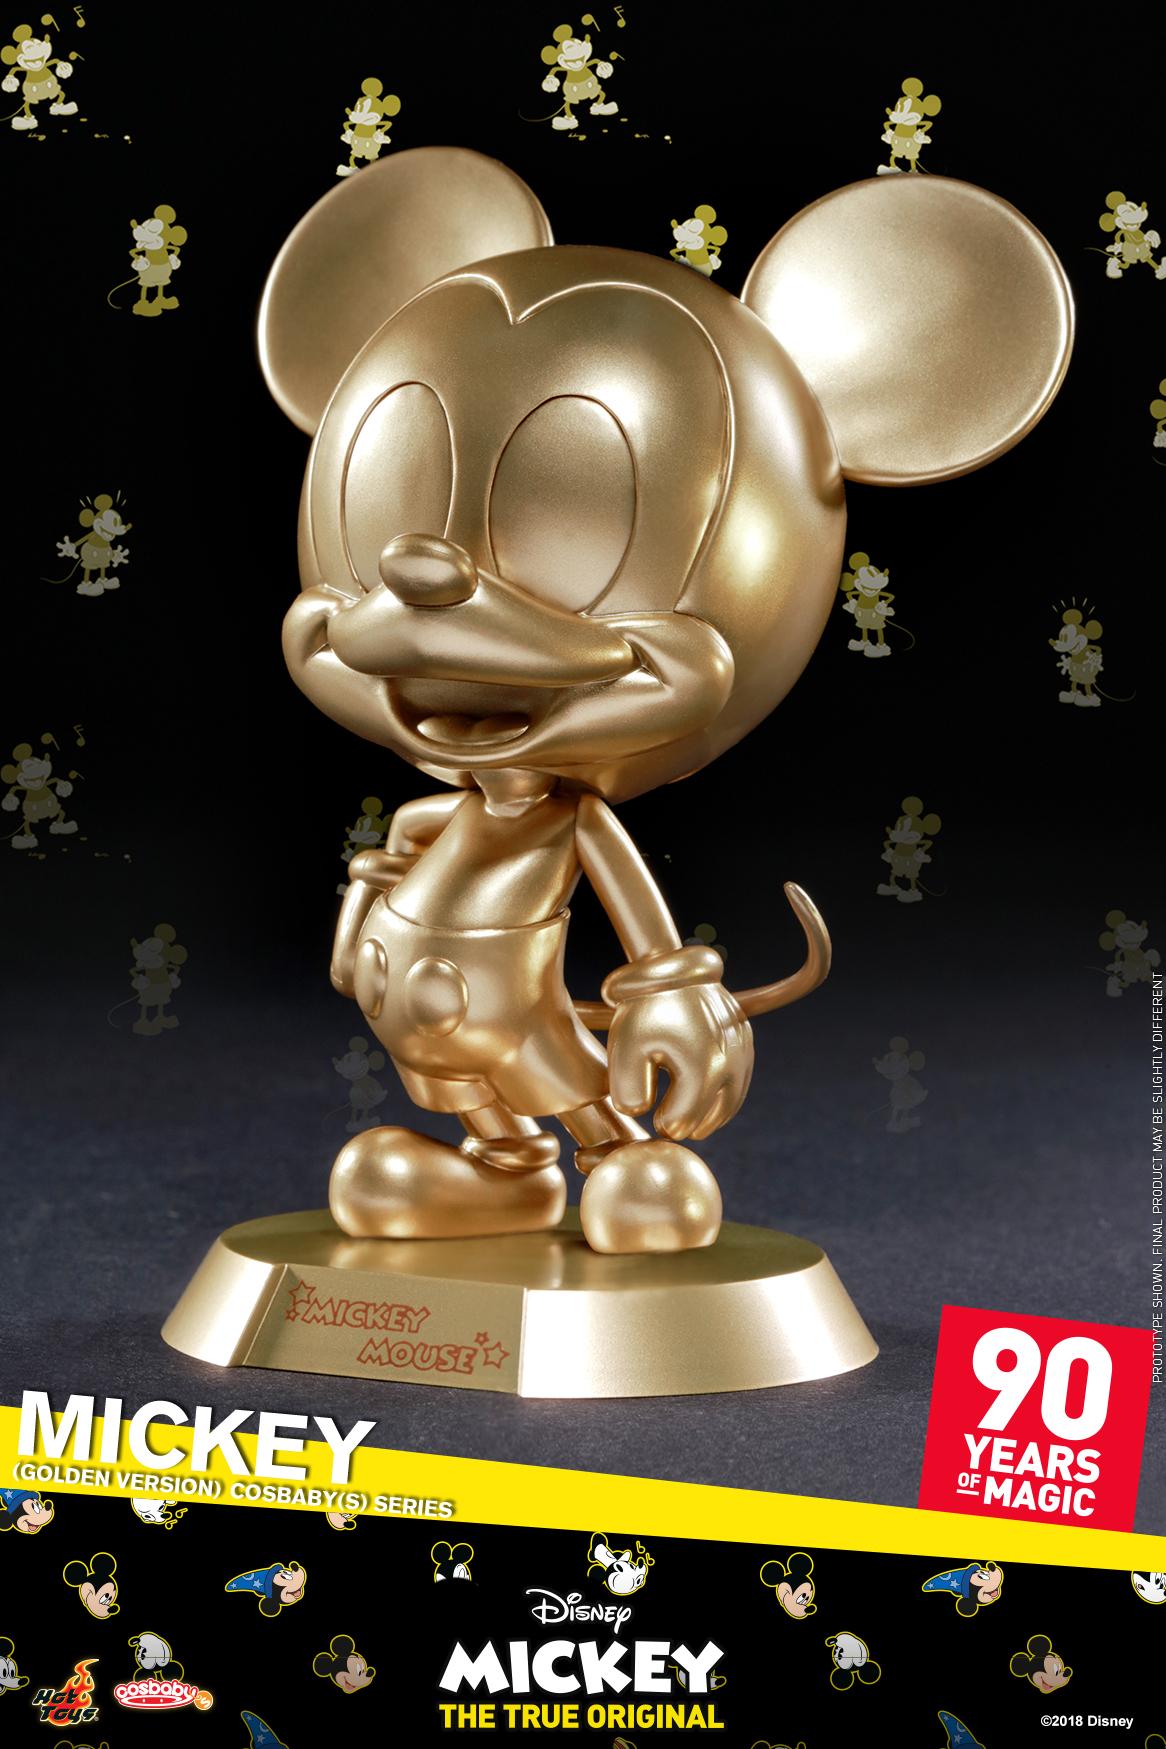 Mickey-Golden-Version_V_03